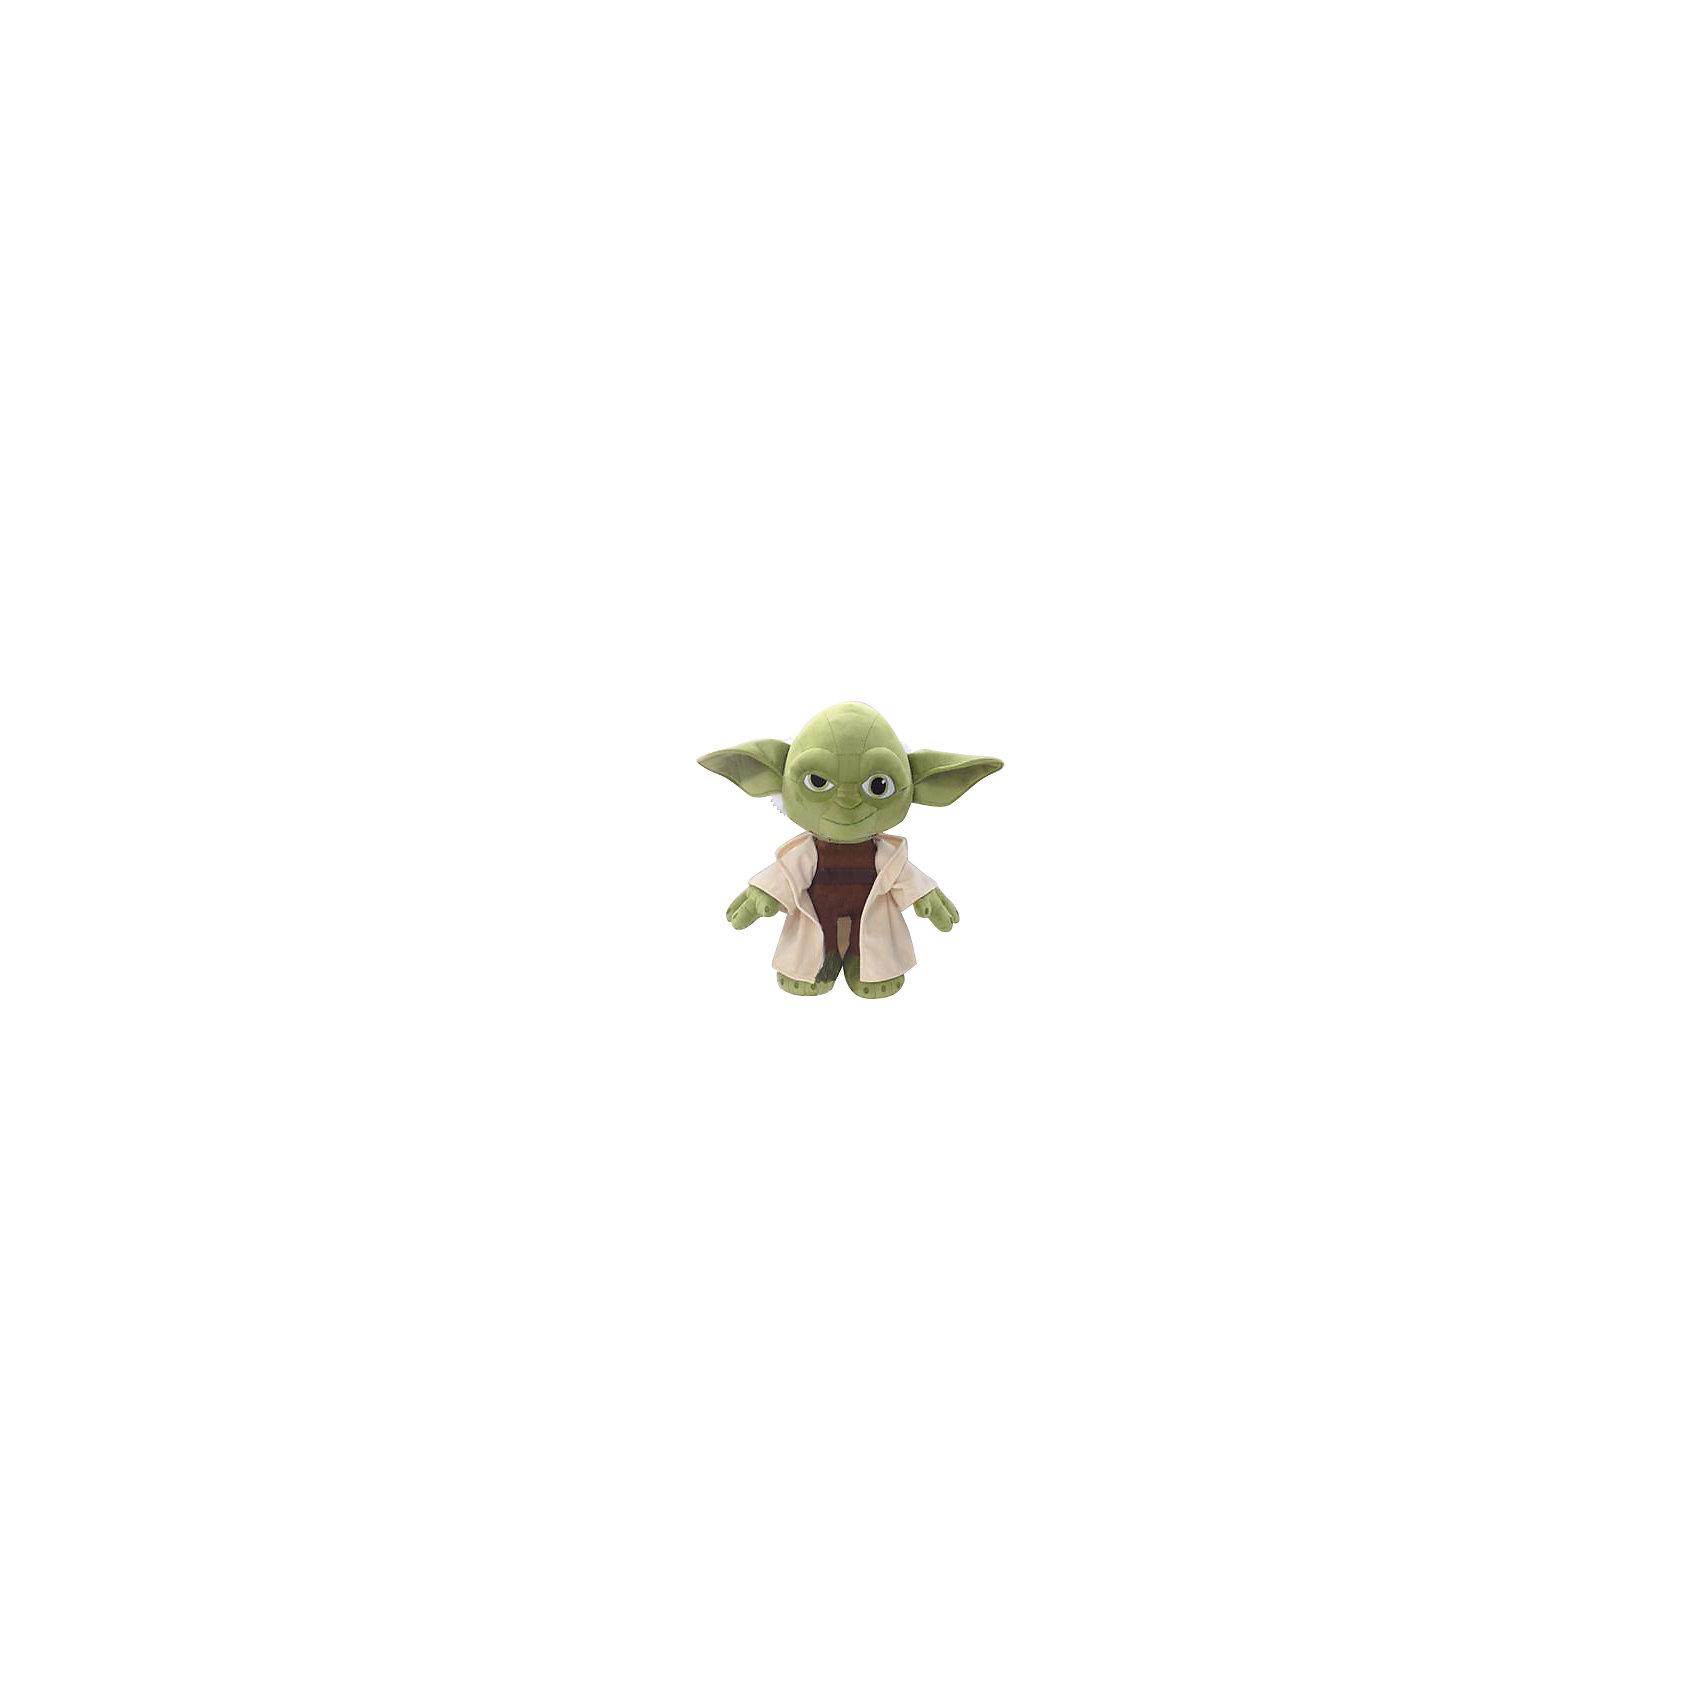 Мягкая игрушка Йода, 18 см, Звездные войныМастер Йода, Звездные войны  - оригинальная мягкая игрушка, которая станет приятным сюрпризом для детей любого возраста. Игрушка изображает популярного персонажа из знаменитой киноэпопеи Звездные войны (Star Wars). Мастер Йода - бывший магистр Ордена Джедаев, один из самых сильных обладателей Силы, он прожил более 900 лет, поэтому по праву считается одним из мудрейших существ во Вселенной. Фигурка Йоды очень мягкая и приятная на ощупь, с хорошо прошитыми деталями, изготовлена из качественных экологичных материалов и совершенно безопасна для детского здоровья. <br><br>Дополнительная информация:<br><br>- Материал: плюш, синтепон.<br>- Высота игрушки: 18 см.<br>- Размер упаковки: 8 х 13 х 8 см.<br>- Вес: 100 гр.<br><br>Мягкую игрушку Йода, Звездные войны, можно купить в нашем интернет-магазине.<br><br>Ширина мм: 80<br>Глубина мм: 130<br>Высота мм: 80<br>Вес г: 80<br>Возраст от месяцев: 36<br>Возраст до месяцев: 1188<br>Пол: Мужской<br>Возраст: Детский<br>SKU: 4302509